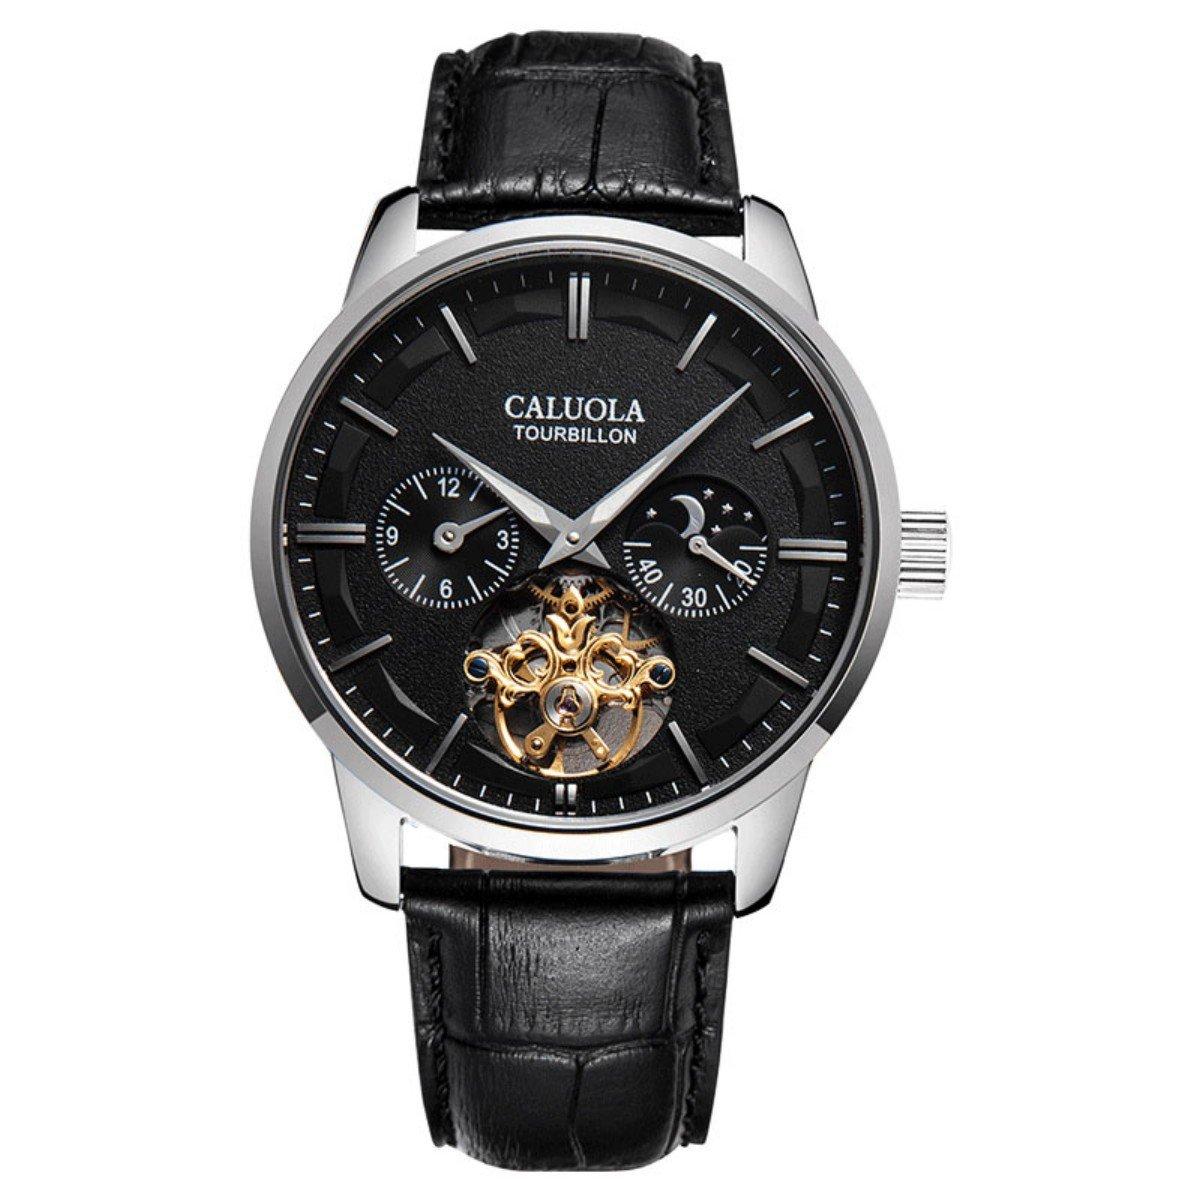 Caluola Reloj Analógico Automático para Hombre con Correa en Cuero 1136-blackPVD: Amazon.es: Relojes